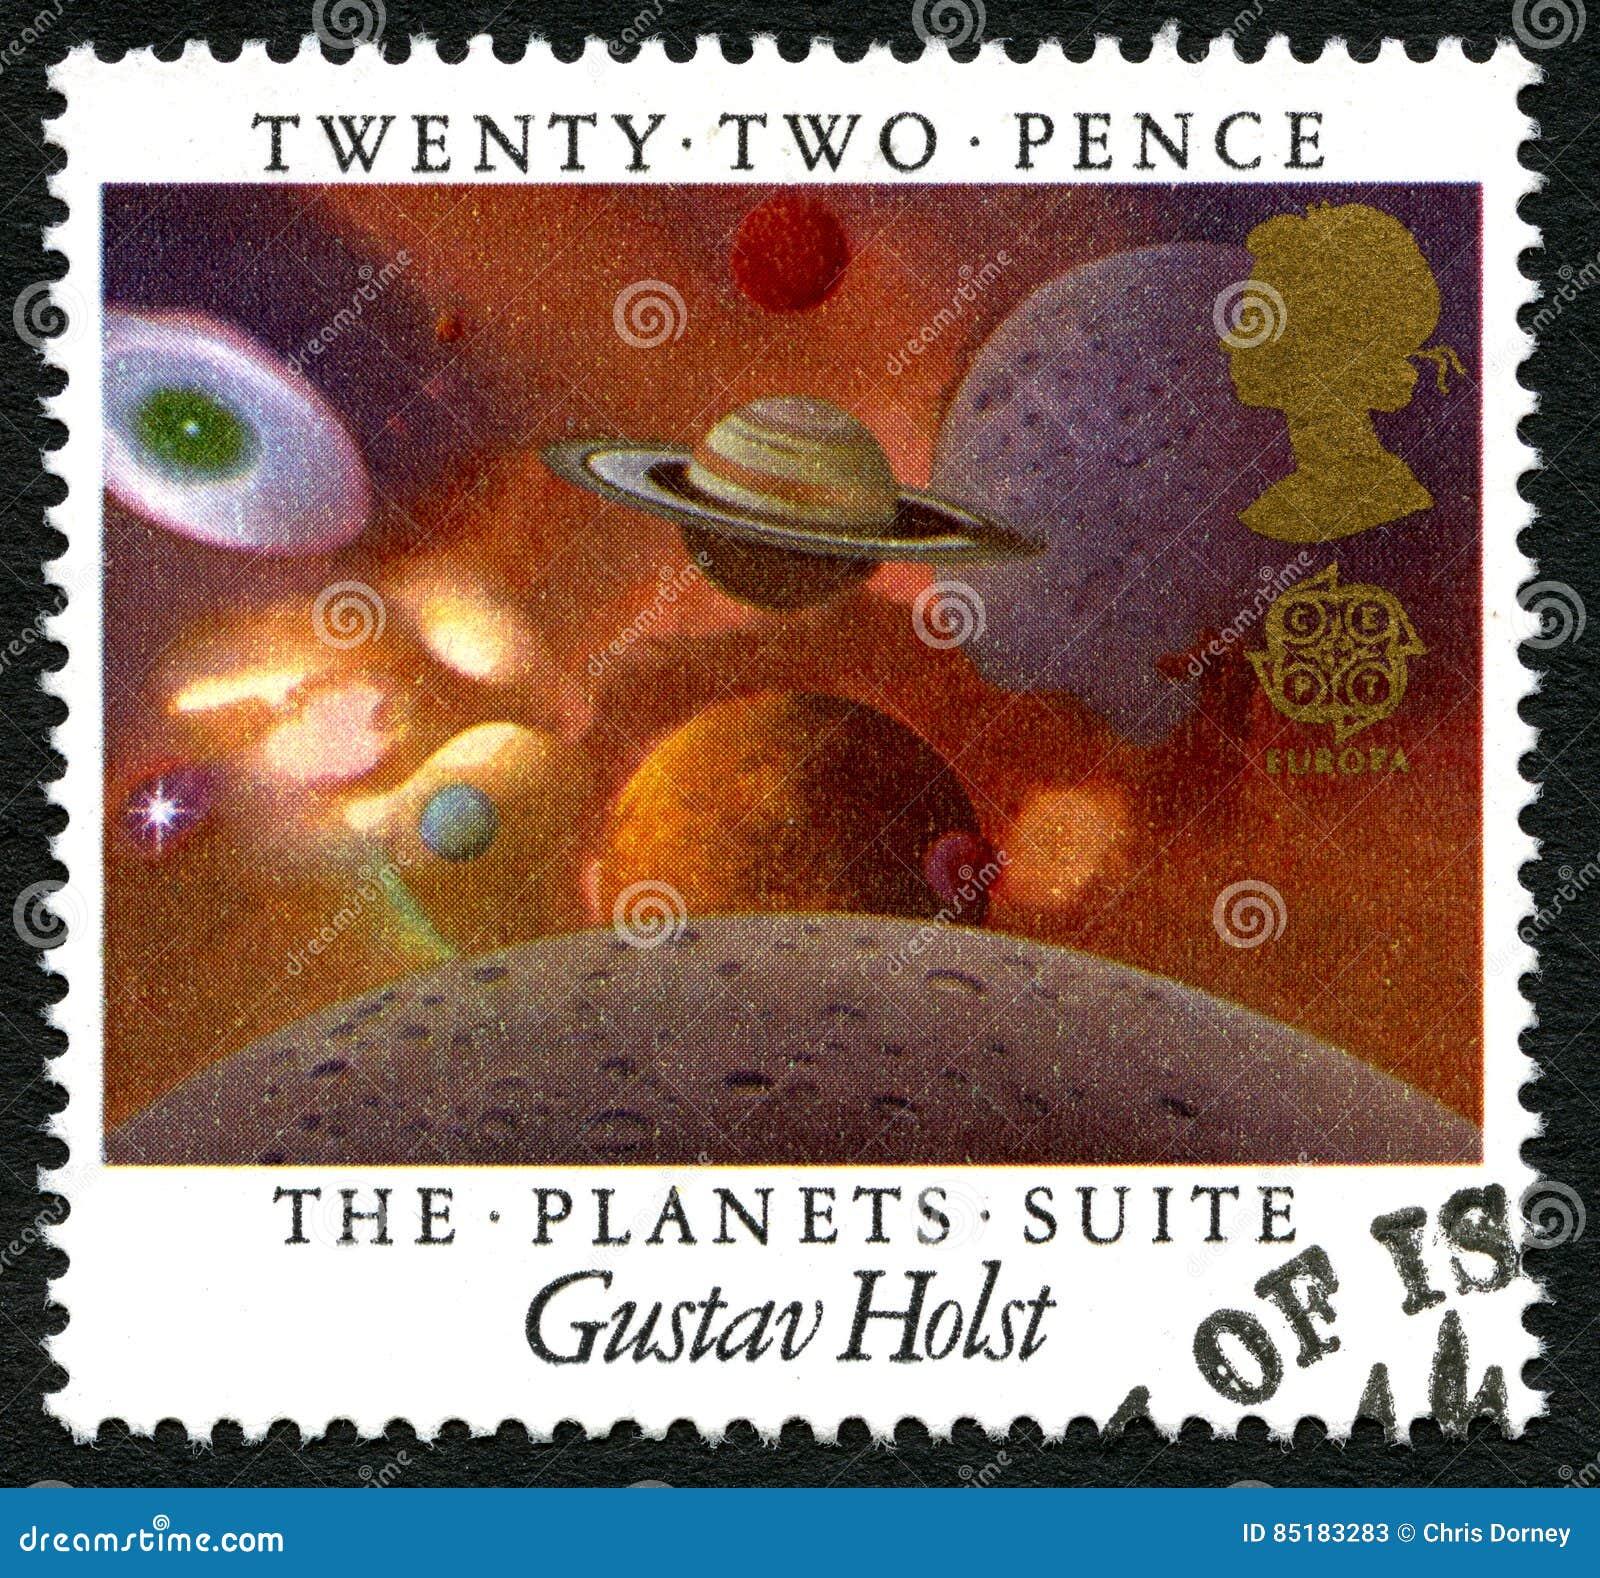 Gustav Holst UK Postage Stamp